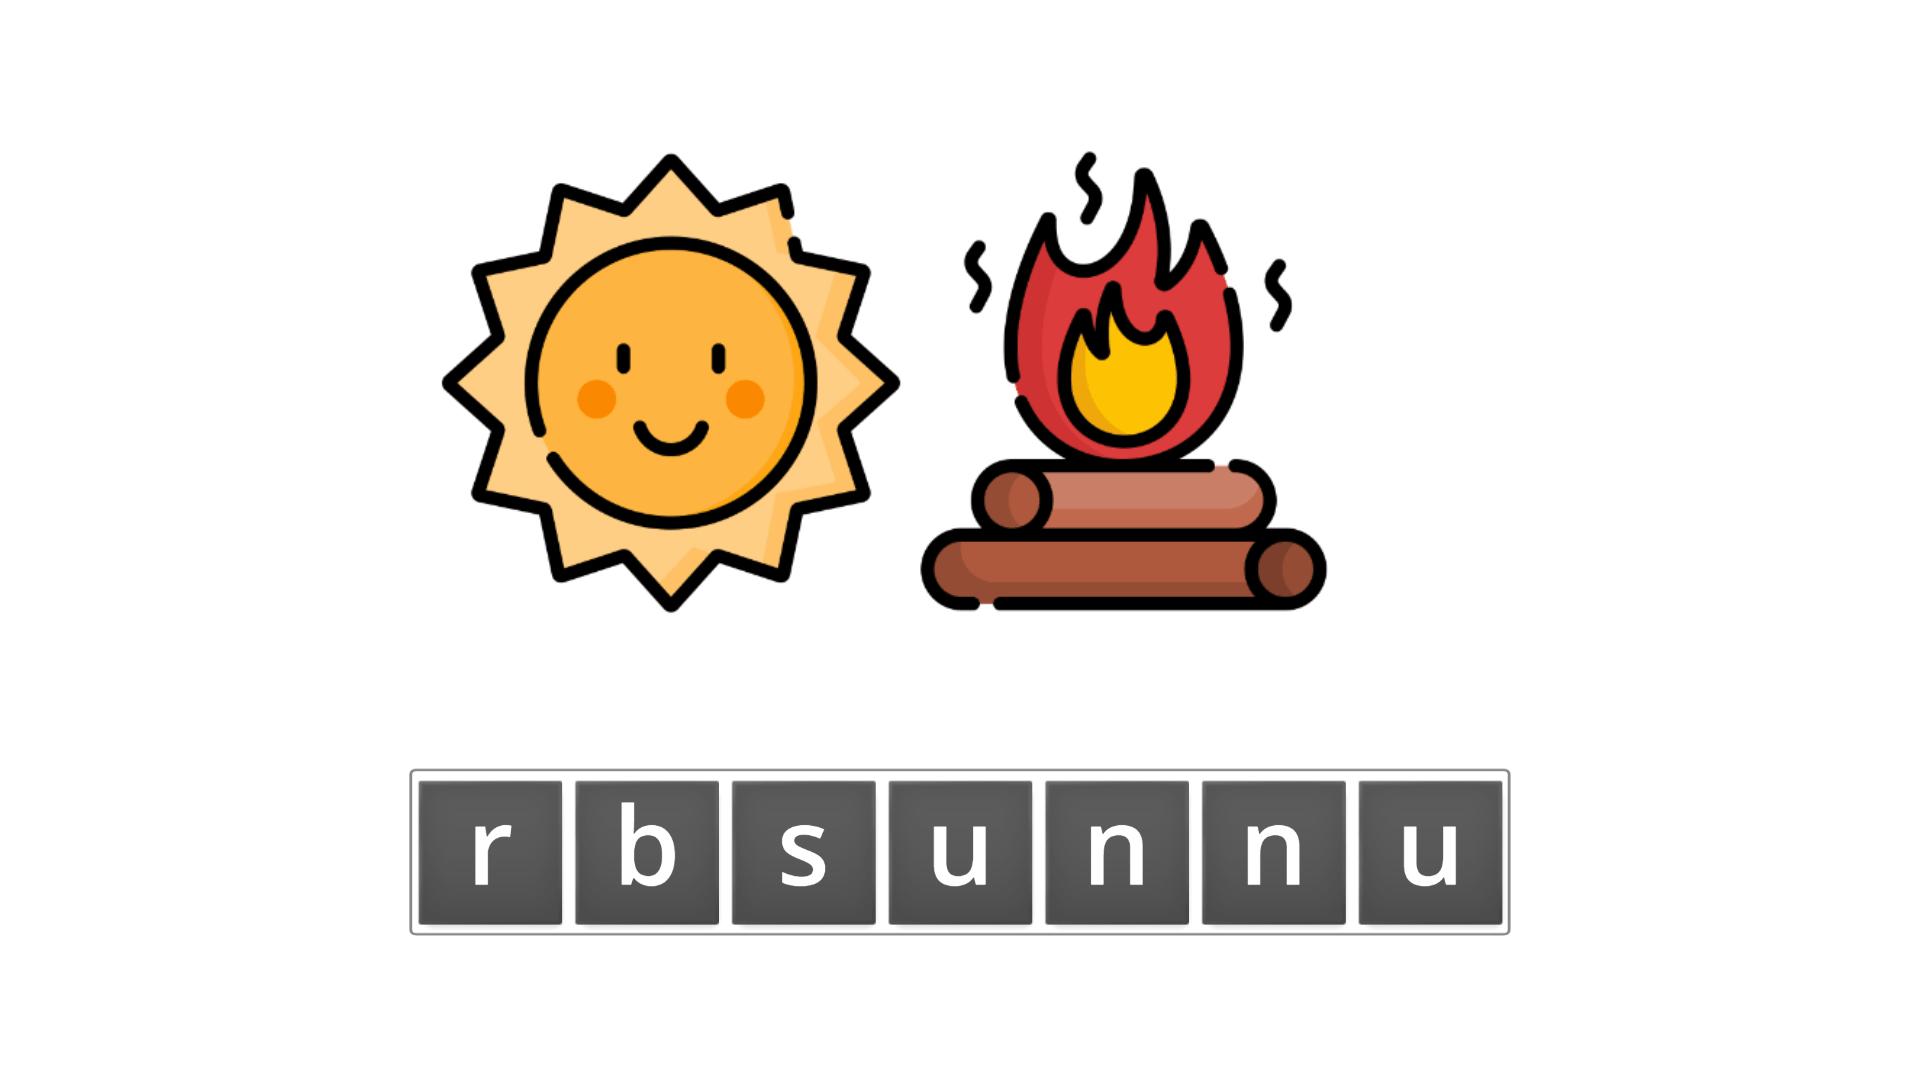 esl resources - flashcards - compound nouns  - unscramble - sunburn